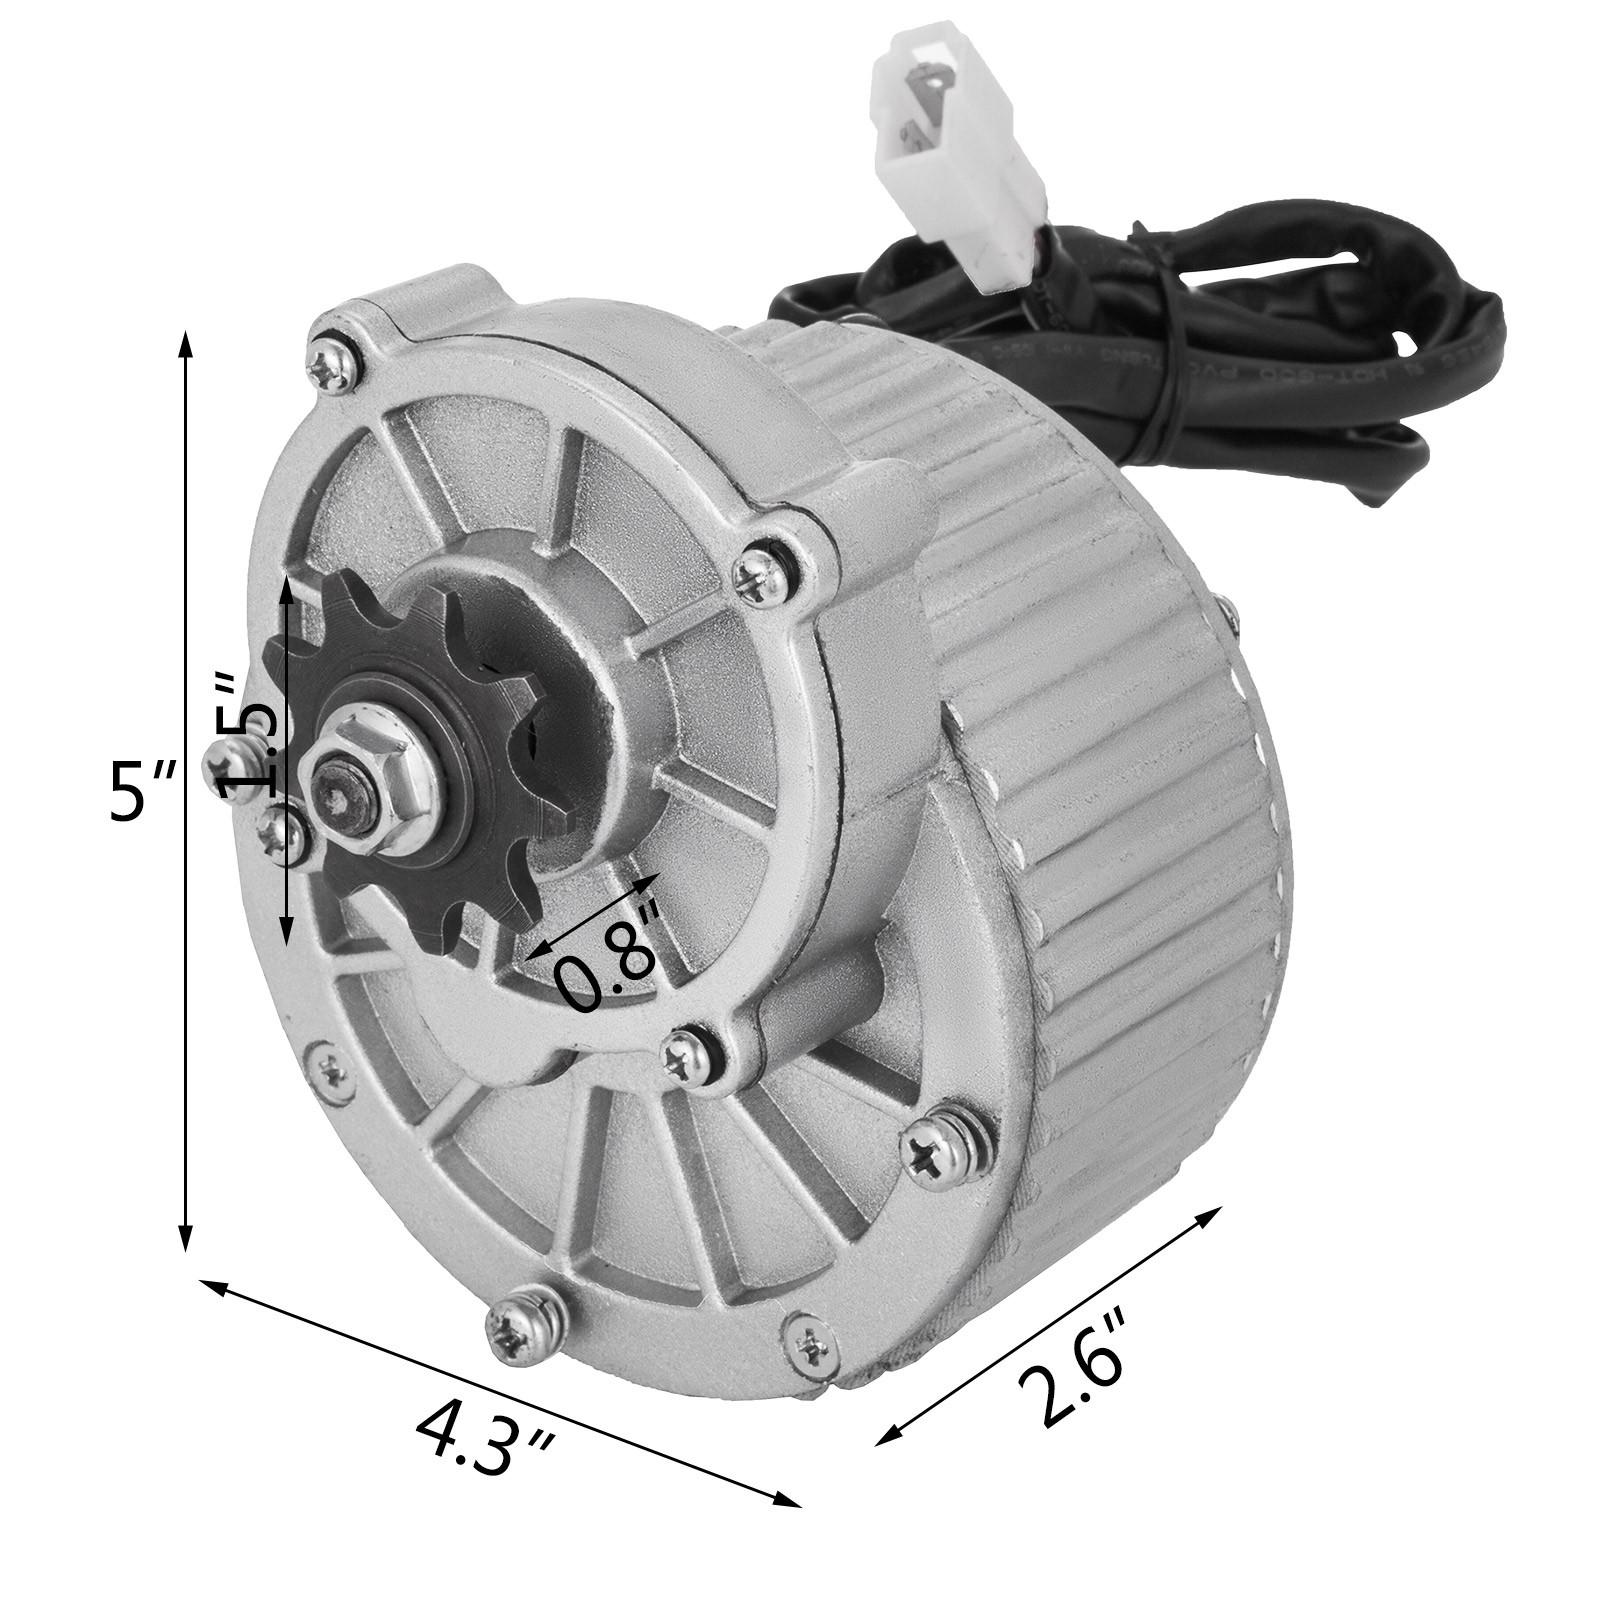 Electric-Motor-E-bike-Motor-controller-kit-DC-24v-12v-Minibike-E-Scooter-ATV thumbnail 62